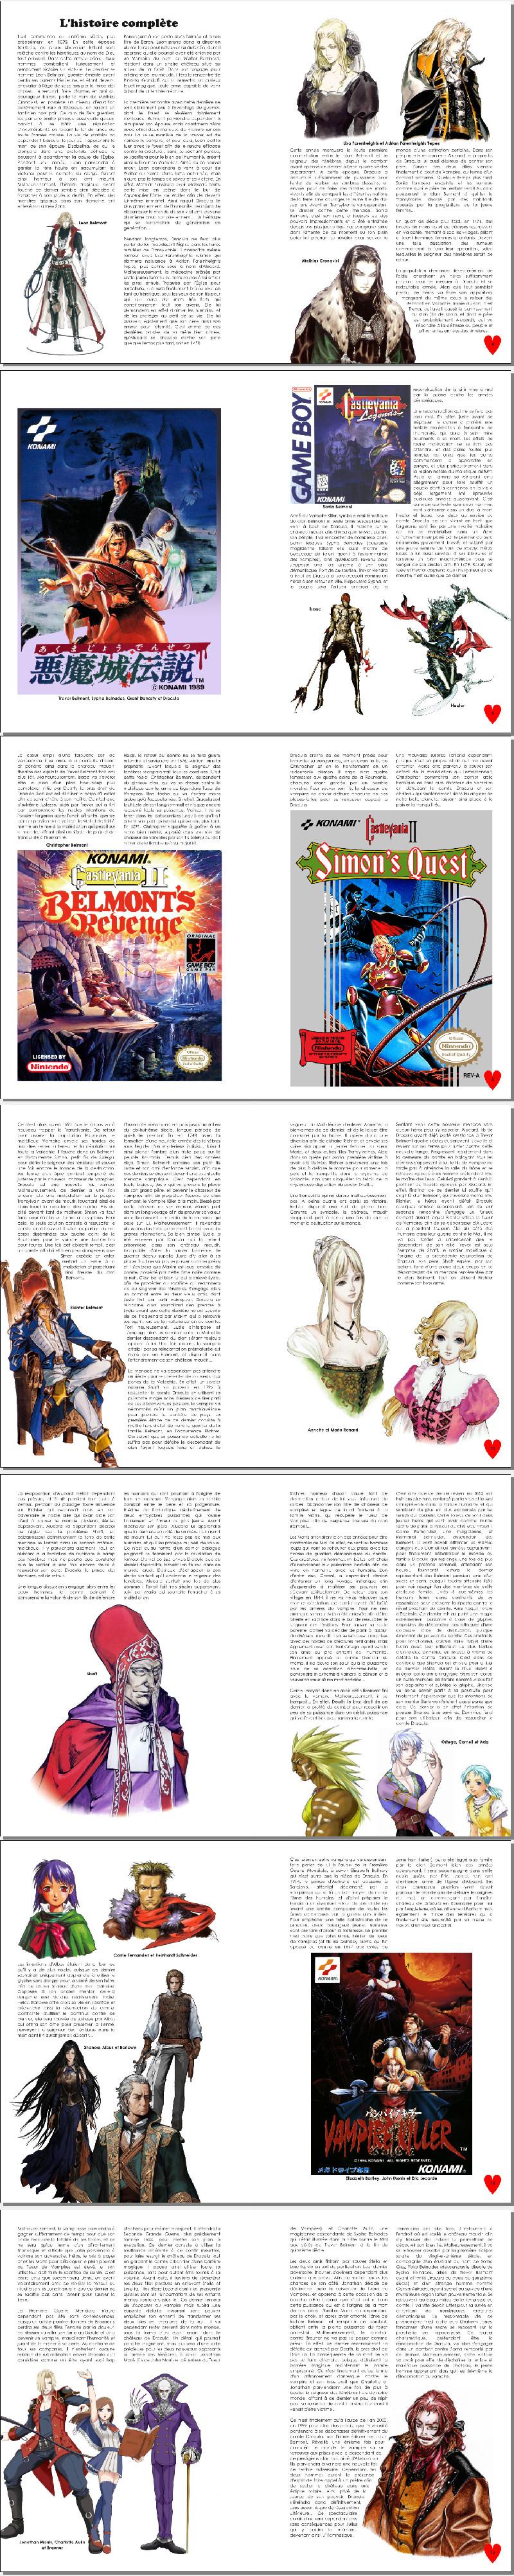 Castlevania Histoire complète action de noel extrait